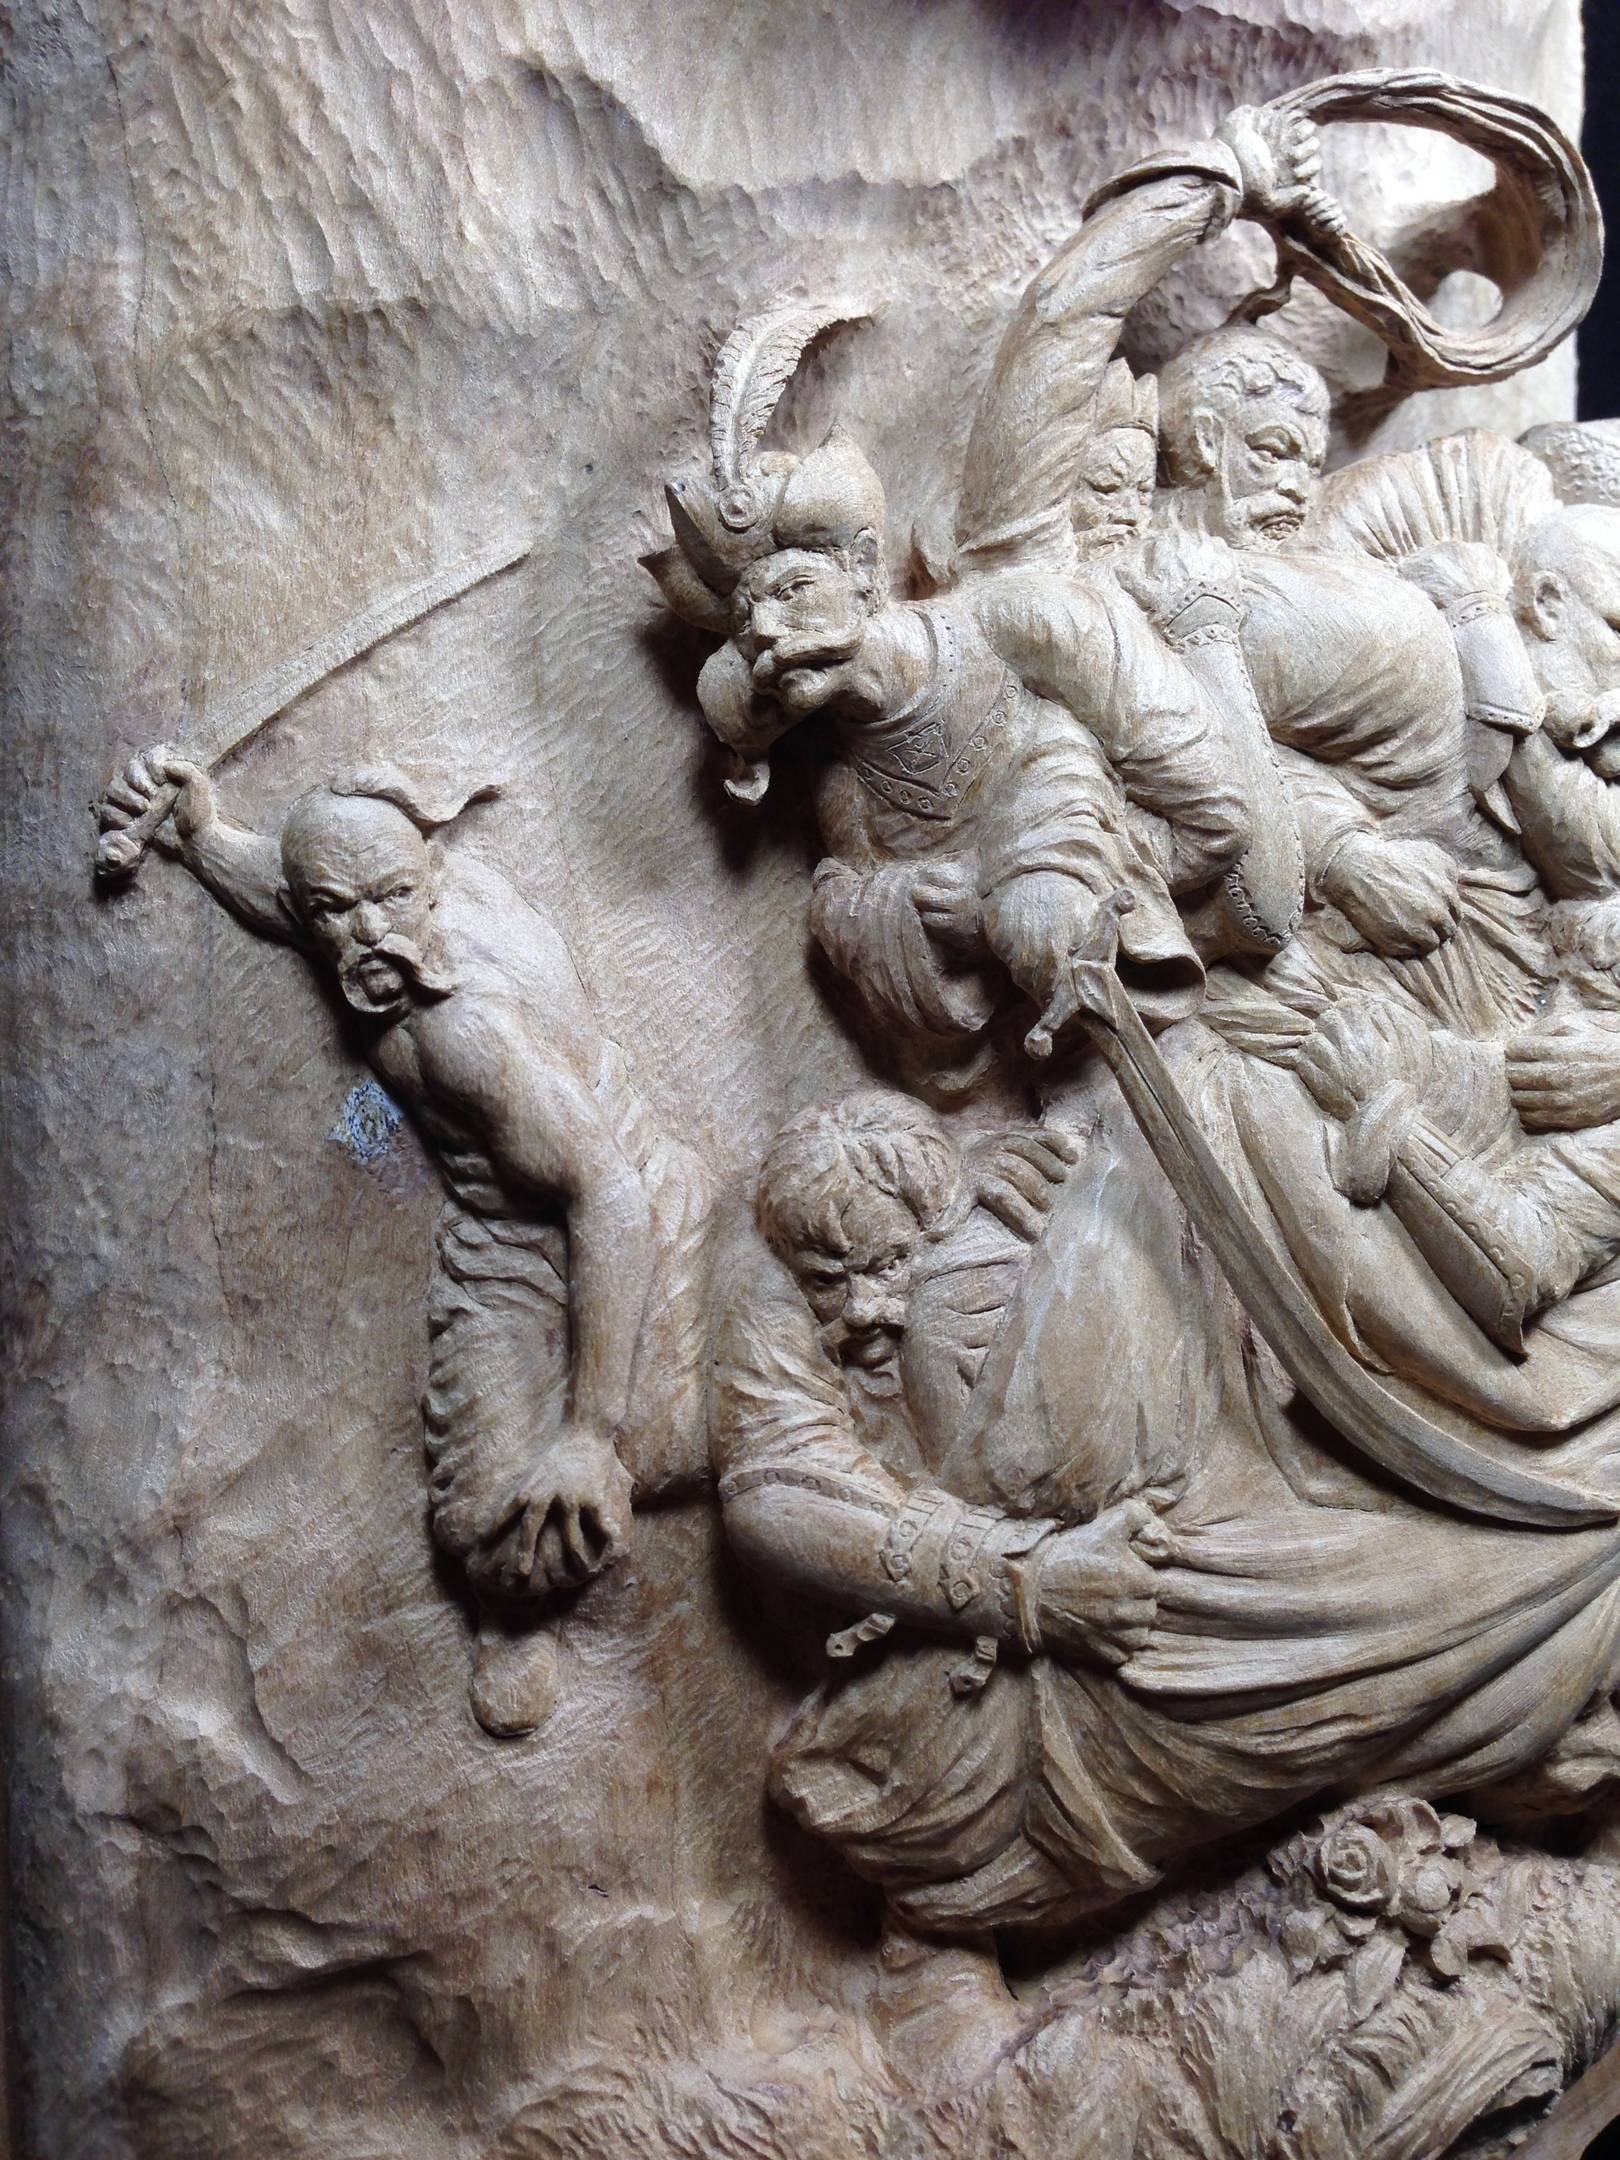 « Попытка захвата казацкого Атамана» (фрагмент в ракурсе). Материал: дикая груша. Размер: высота 18 см, ширина 13 см; высота 18 см. Ручная работа. Май 2020 год.